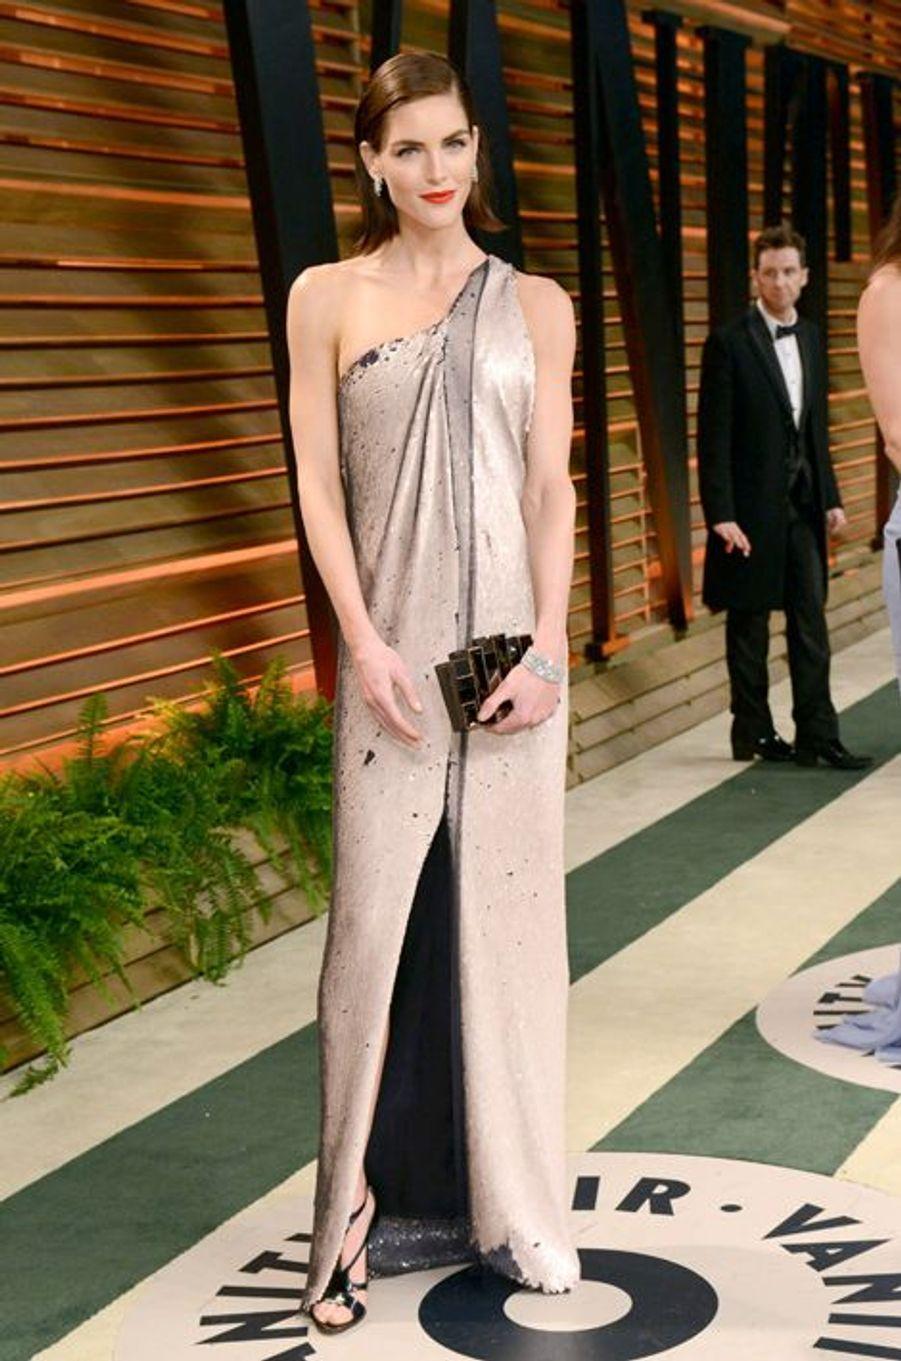 Autre égérie de la marque Estée Lauder, l'Américaine s'est d'abord fait remarquer dans les pages du magazine «Sports Illustrated». Elle a une nouvelle fois défilé pour Victoria's Secret en 2014 et empoché un salaire total de 5 millions de dollars.